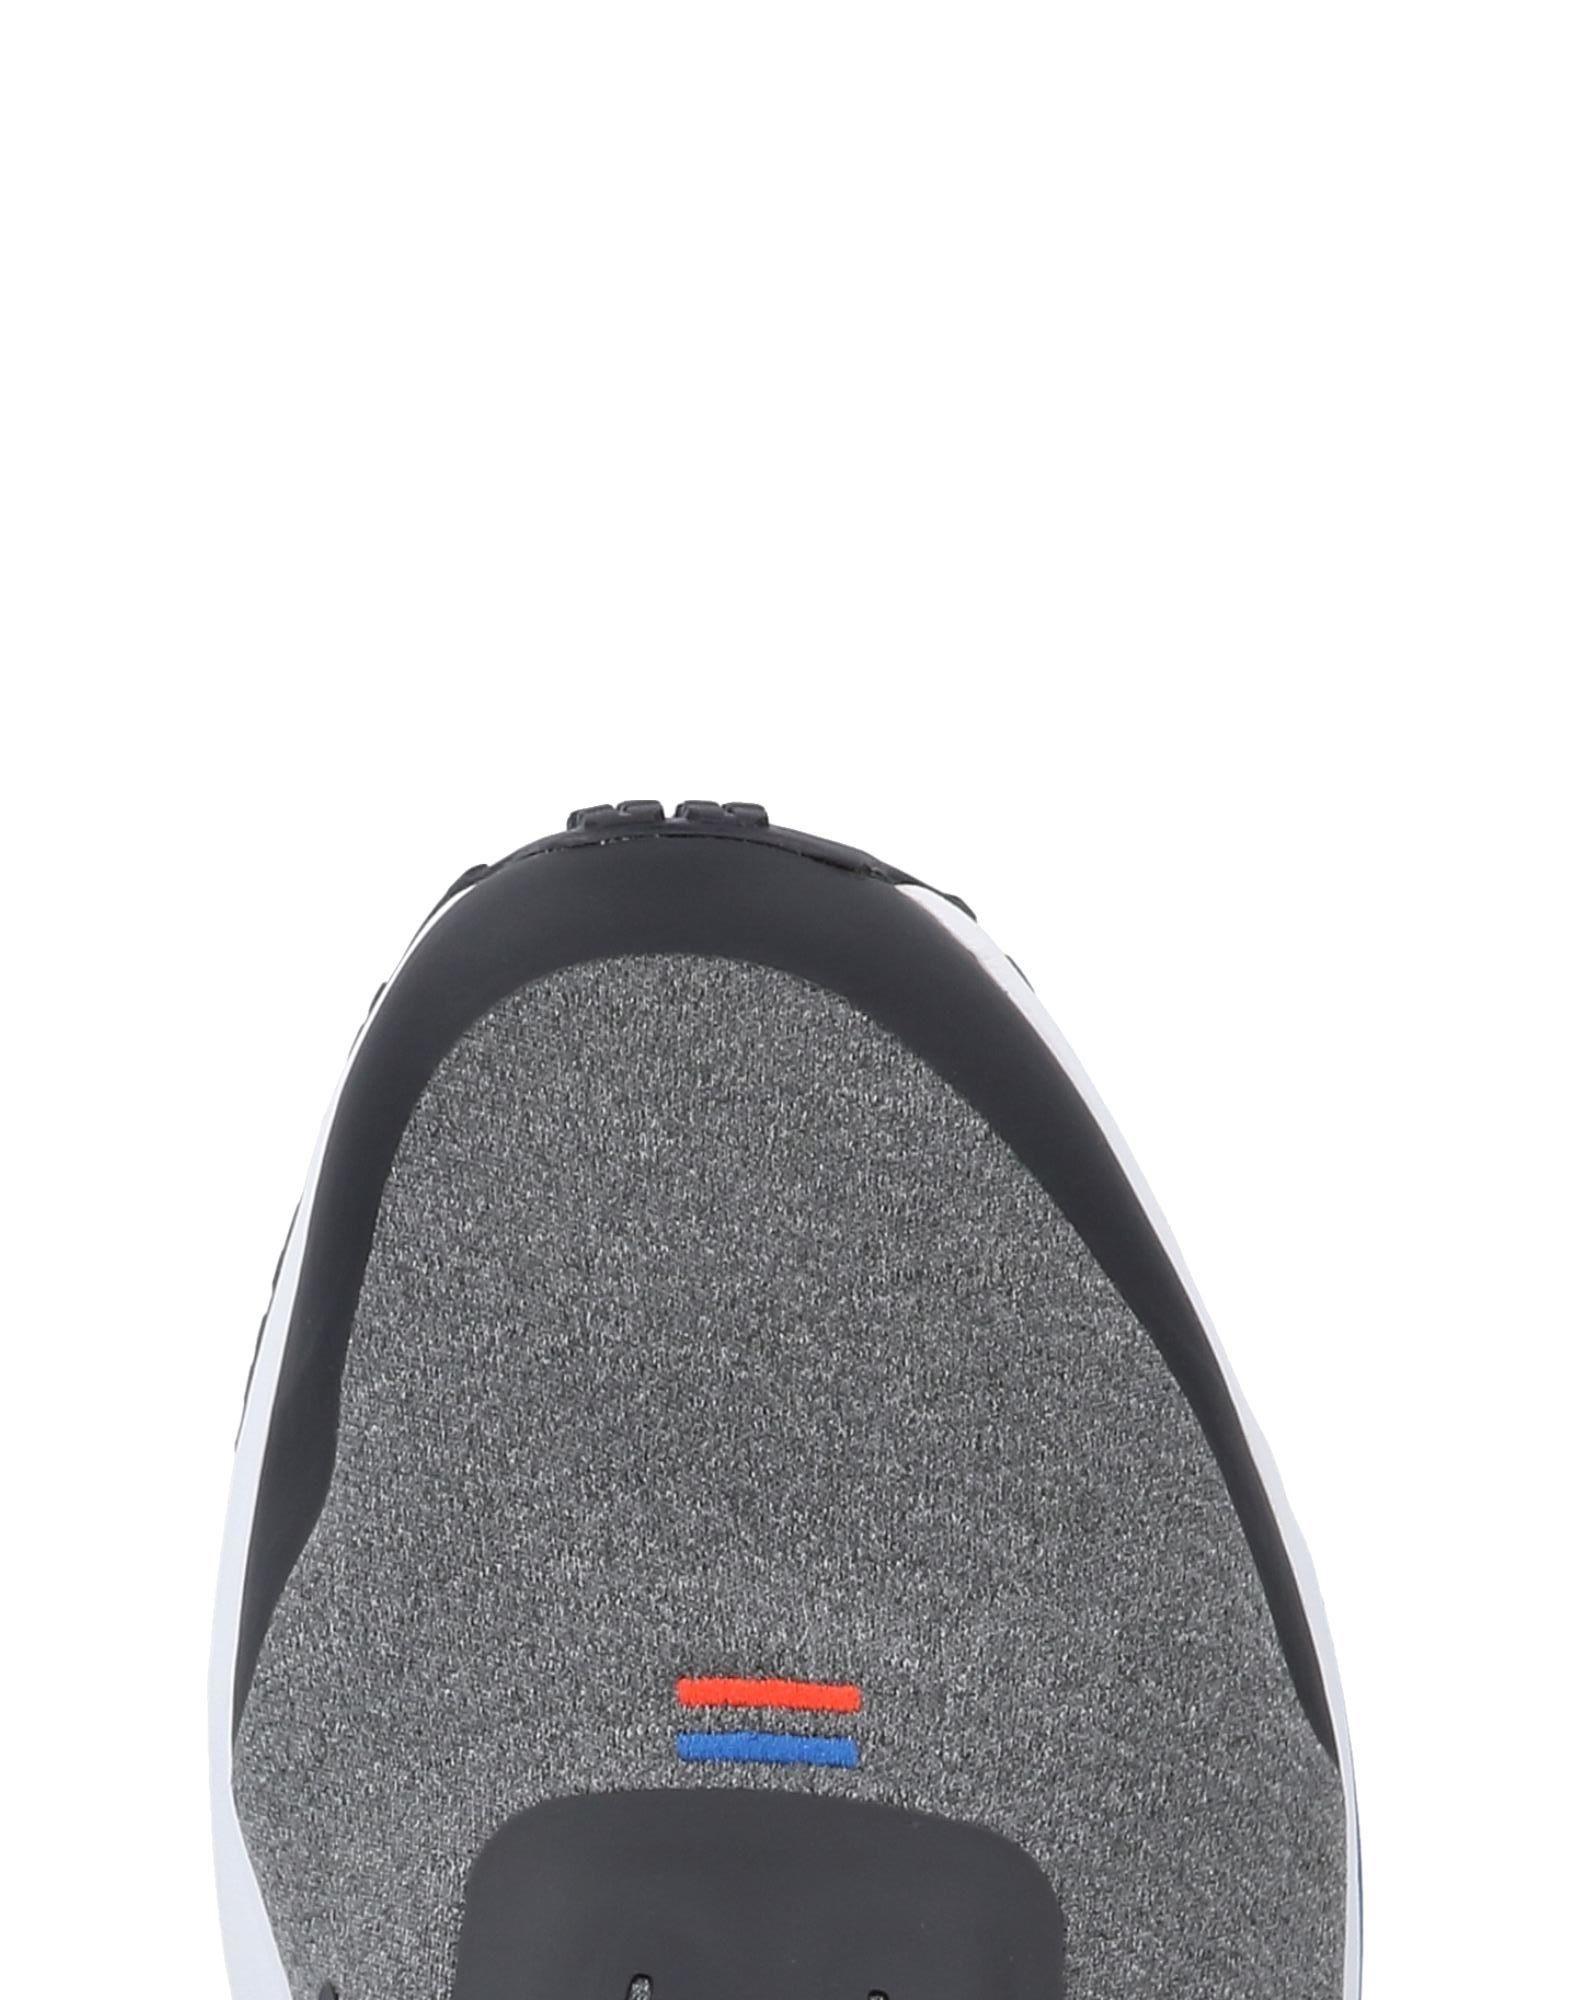 Rabatt echte  Schuhe Reebok Sneakers Herren  echte 11494422UM 4030a5